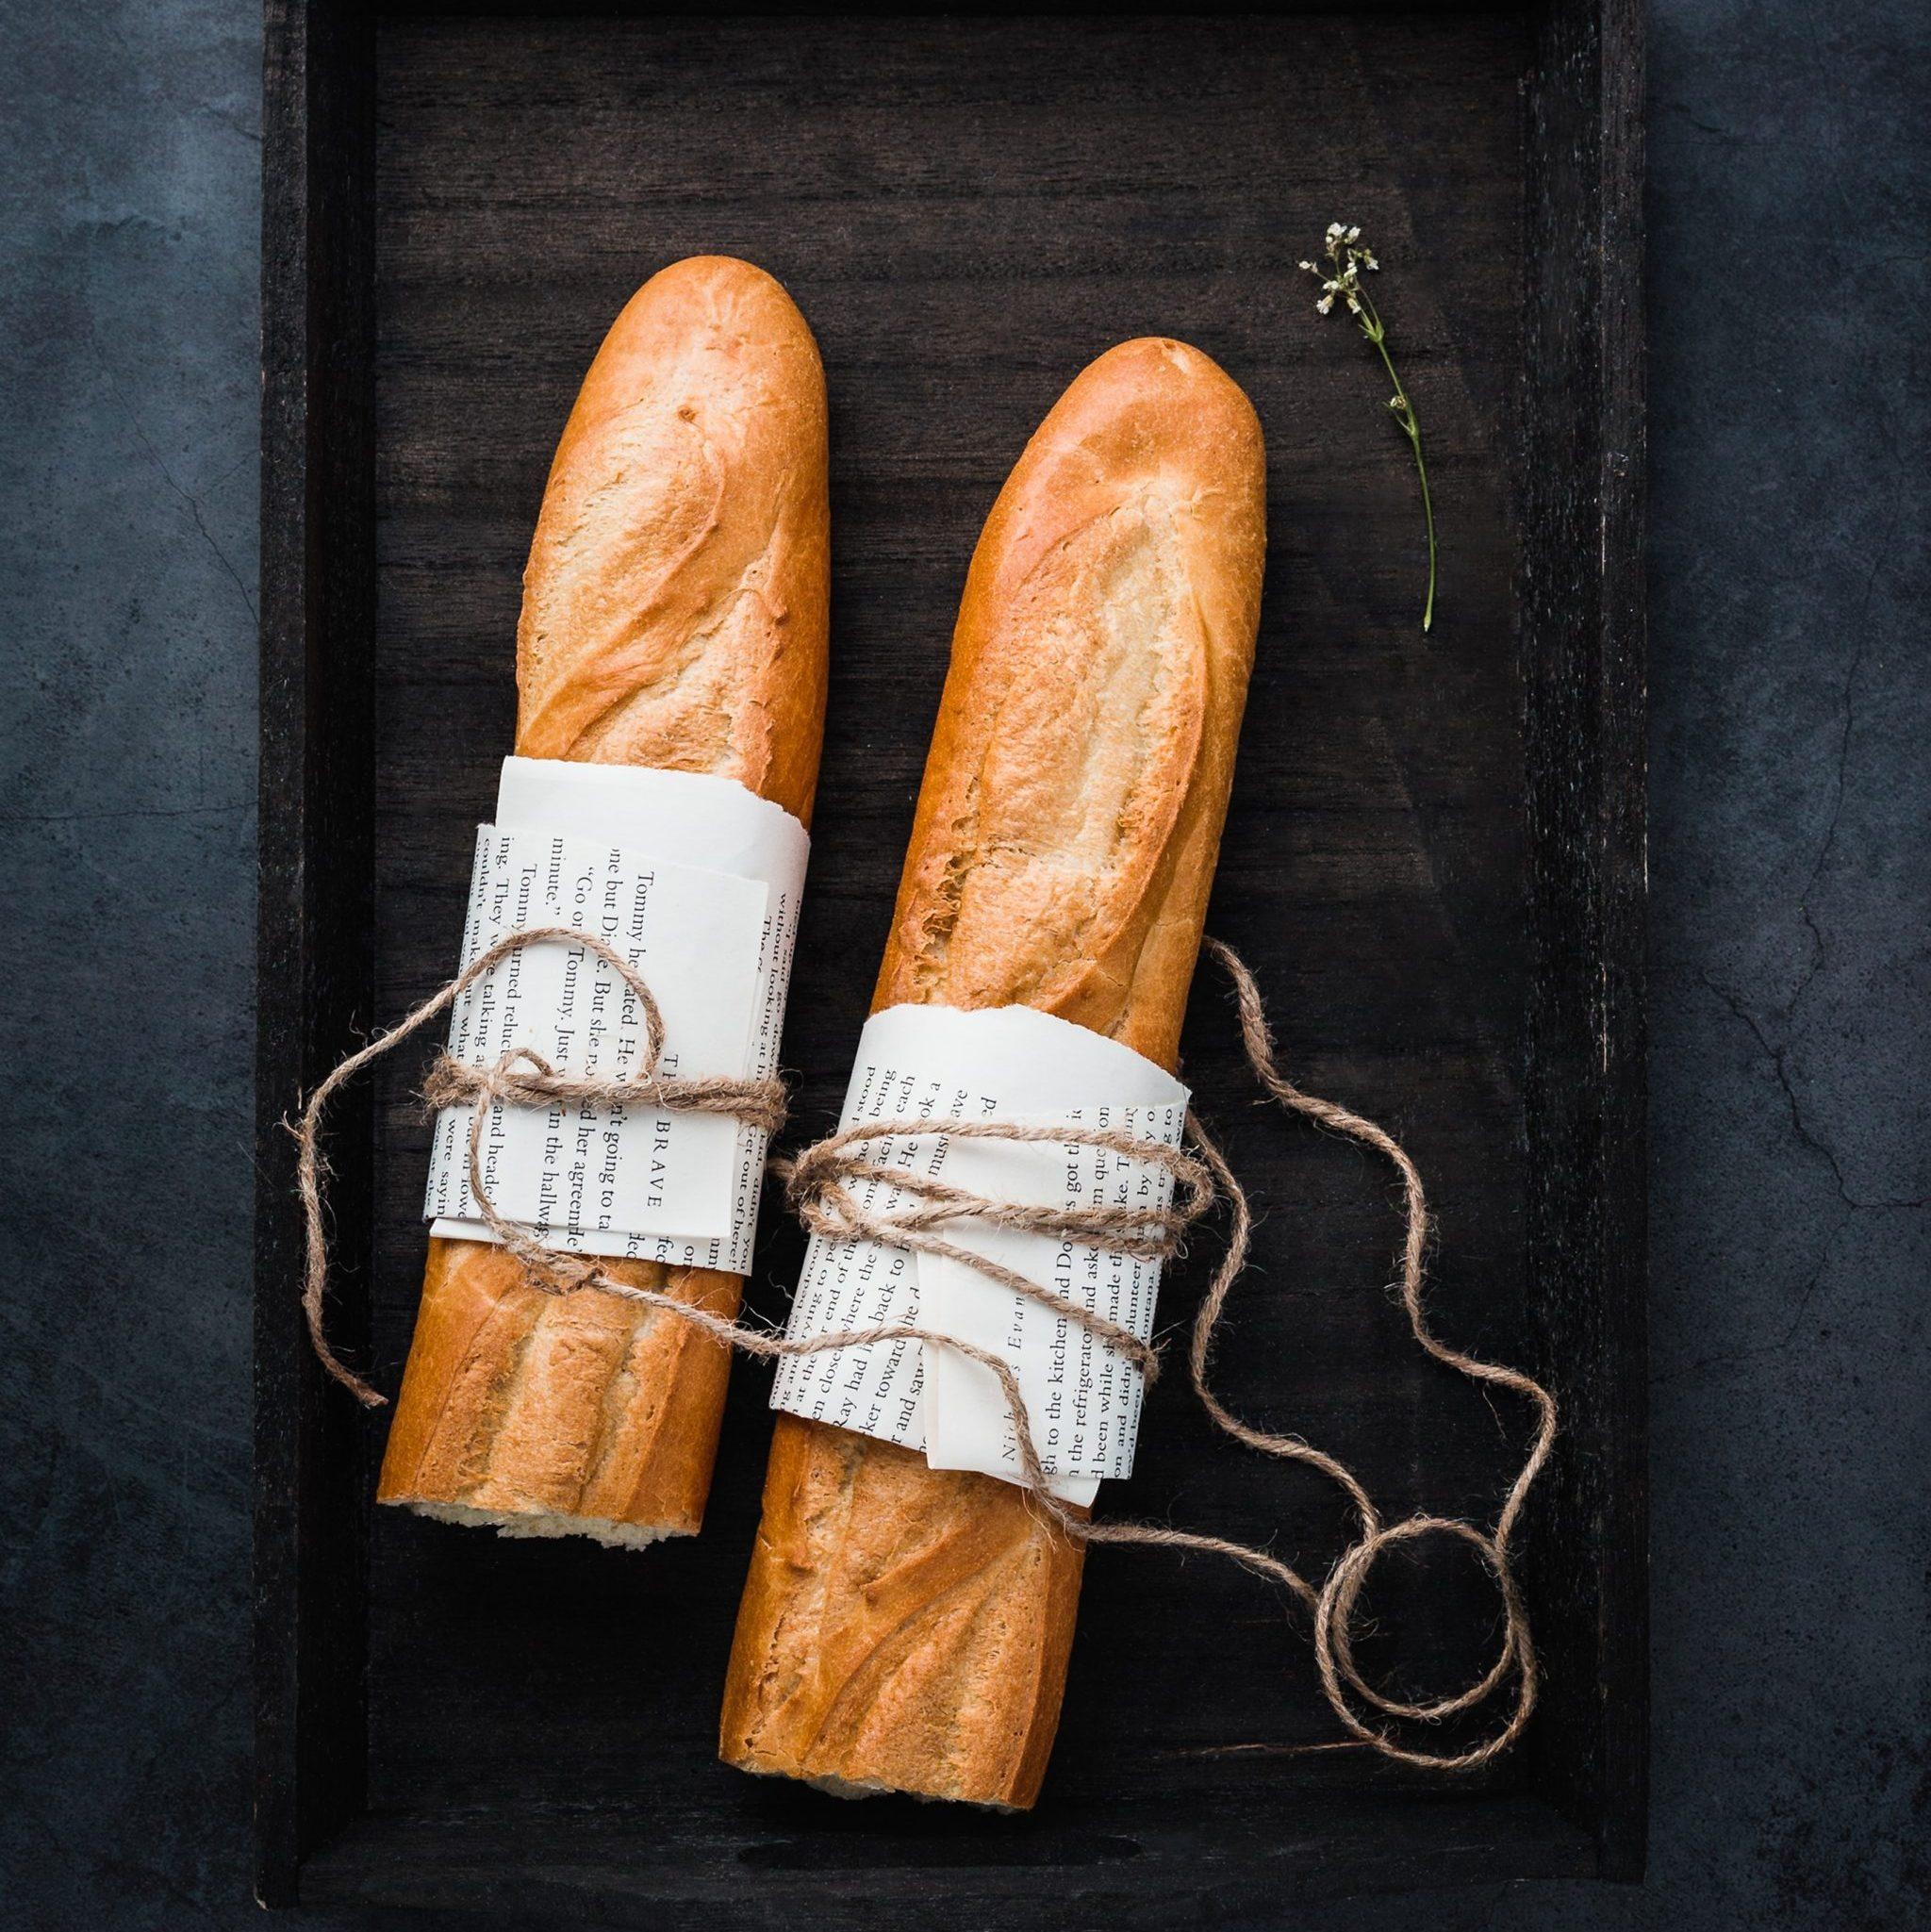 Belegde broodjes bestellen afhalen bezorgen Nijverdal